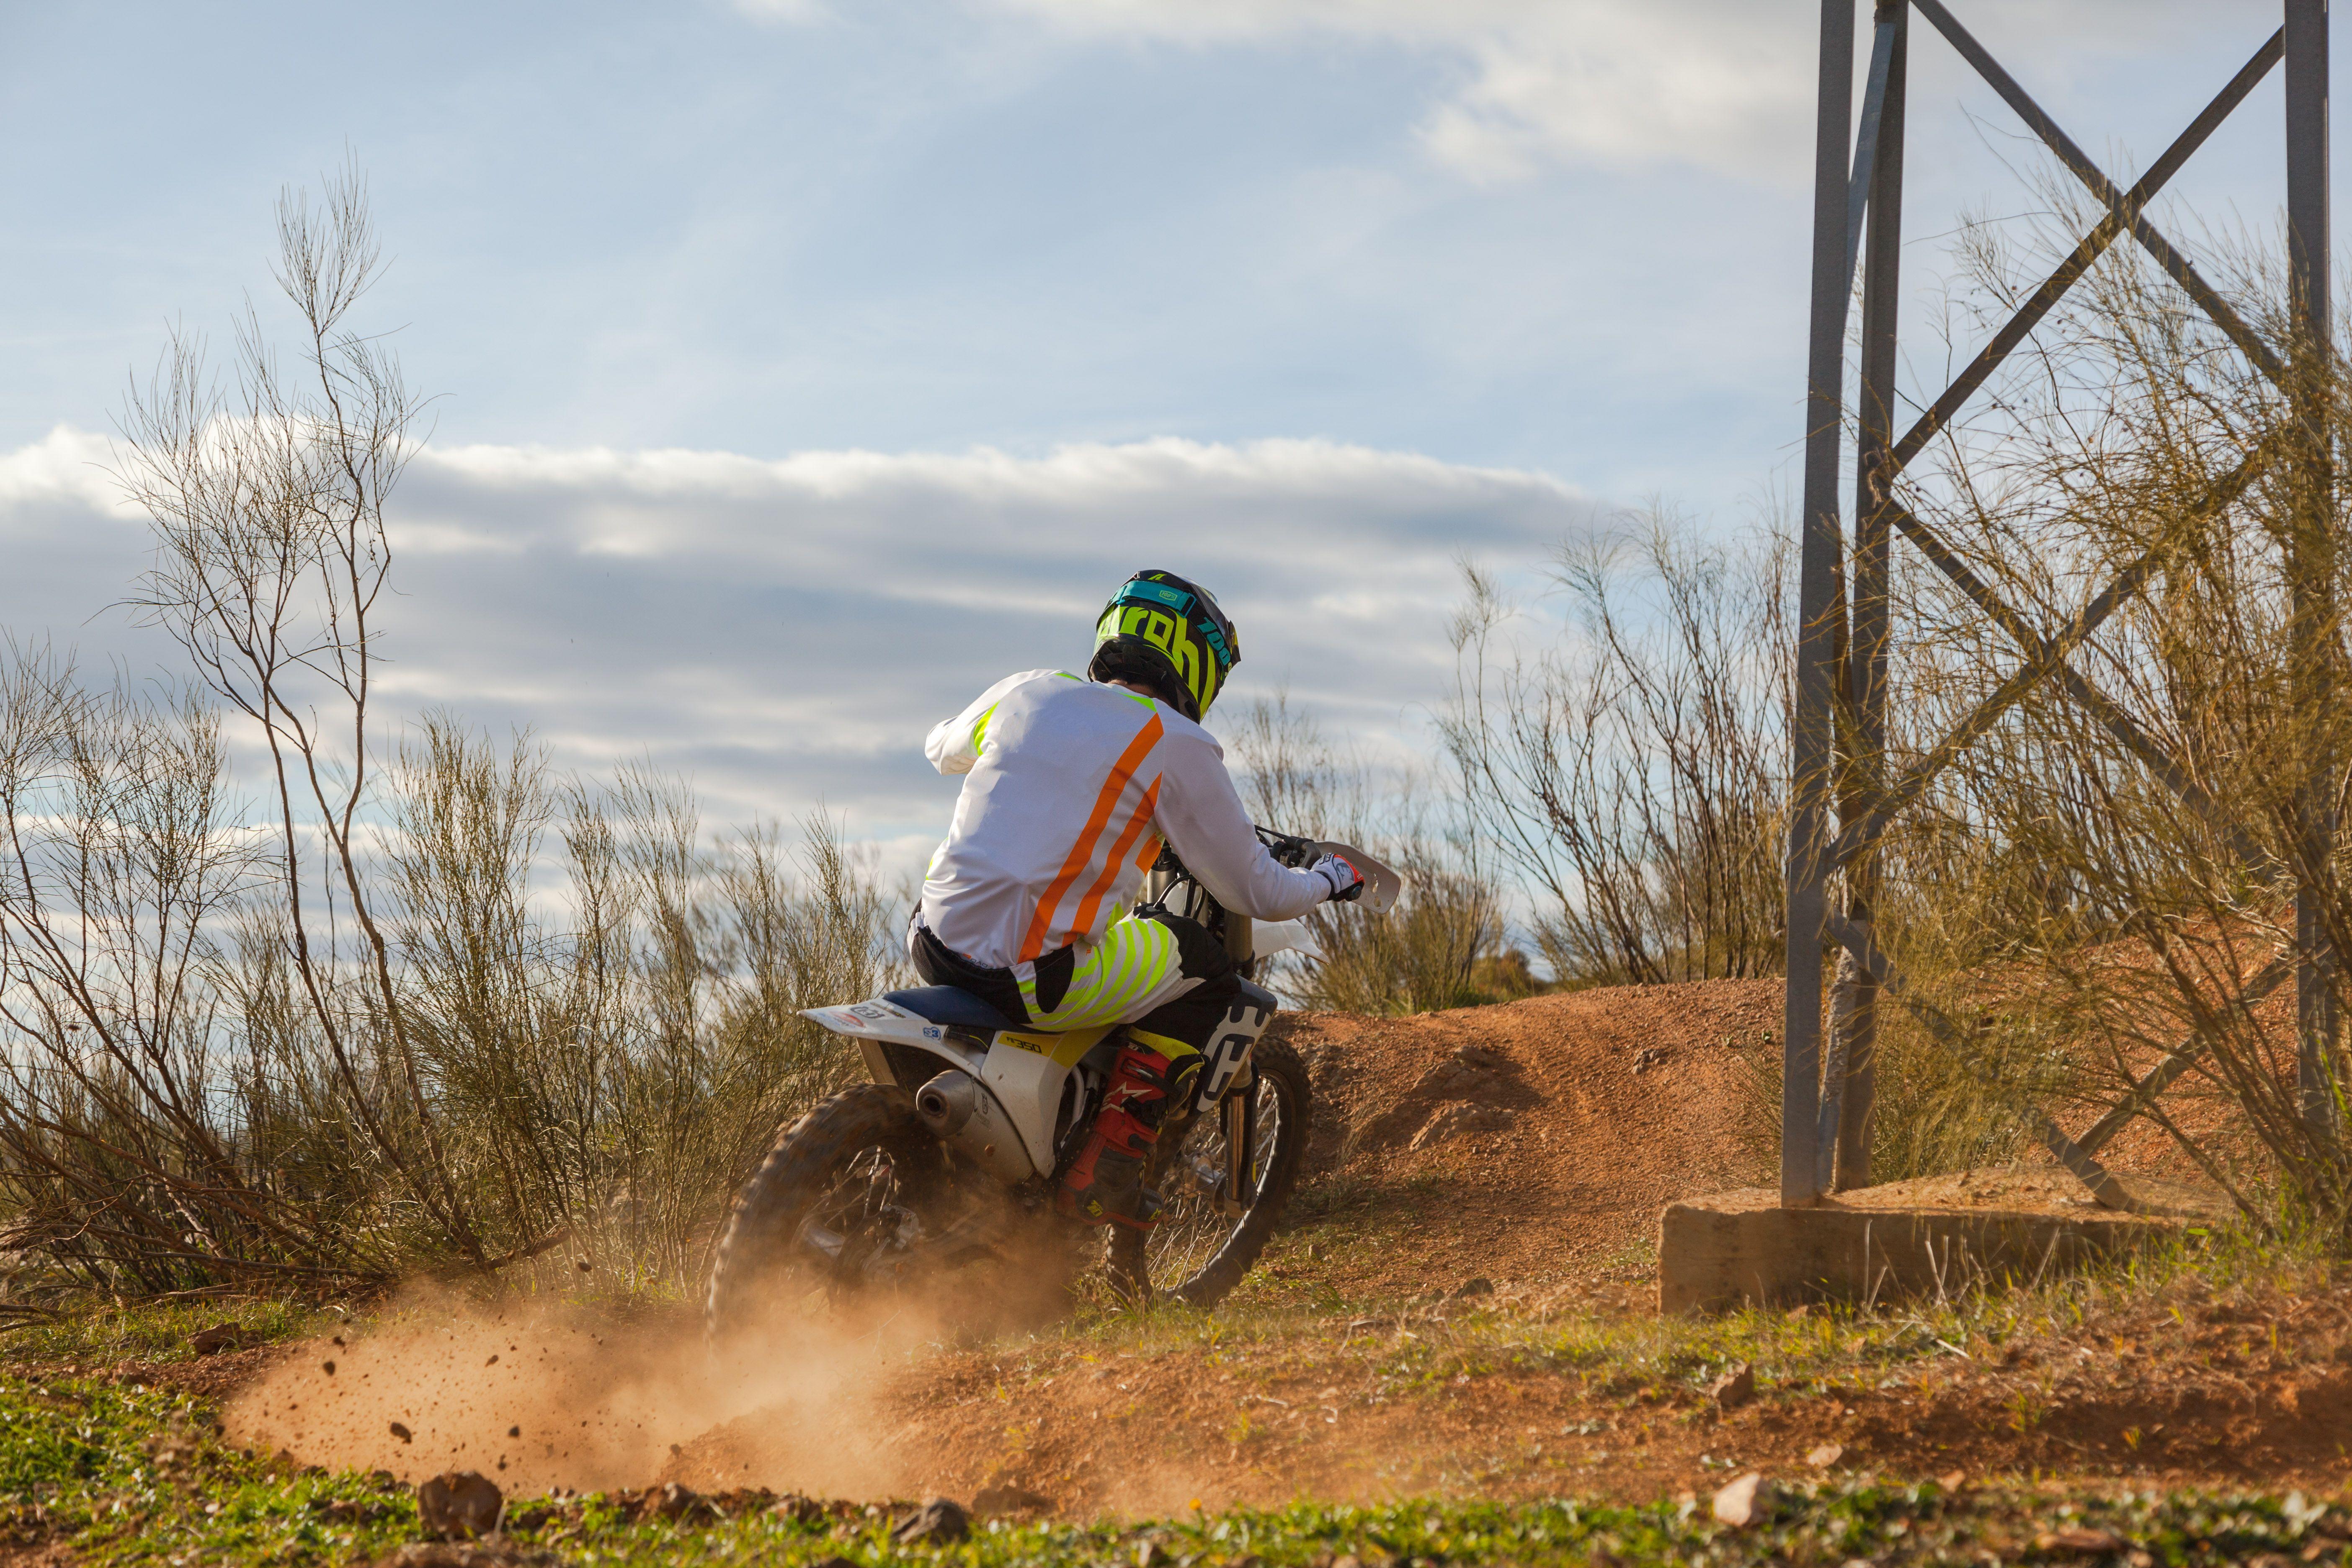 Equipación de competición para motos off road